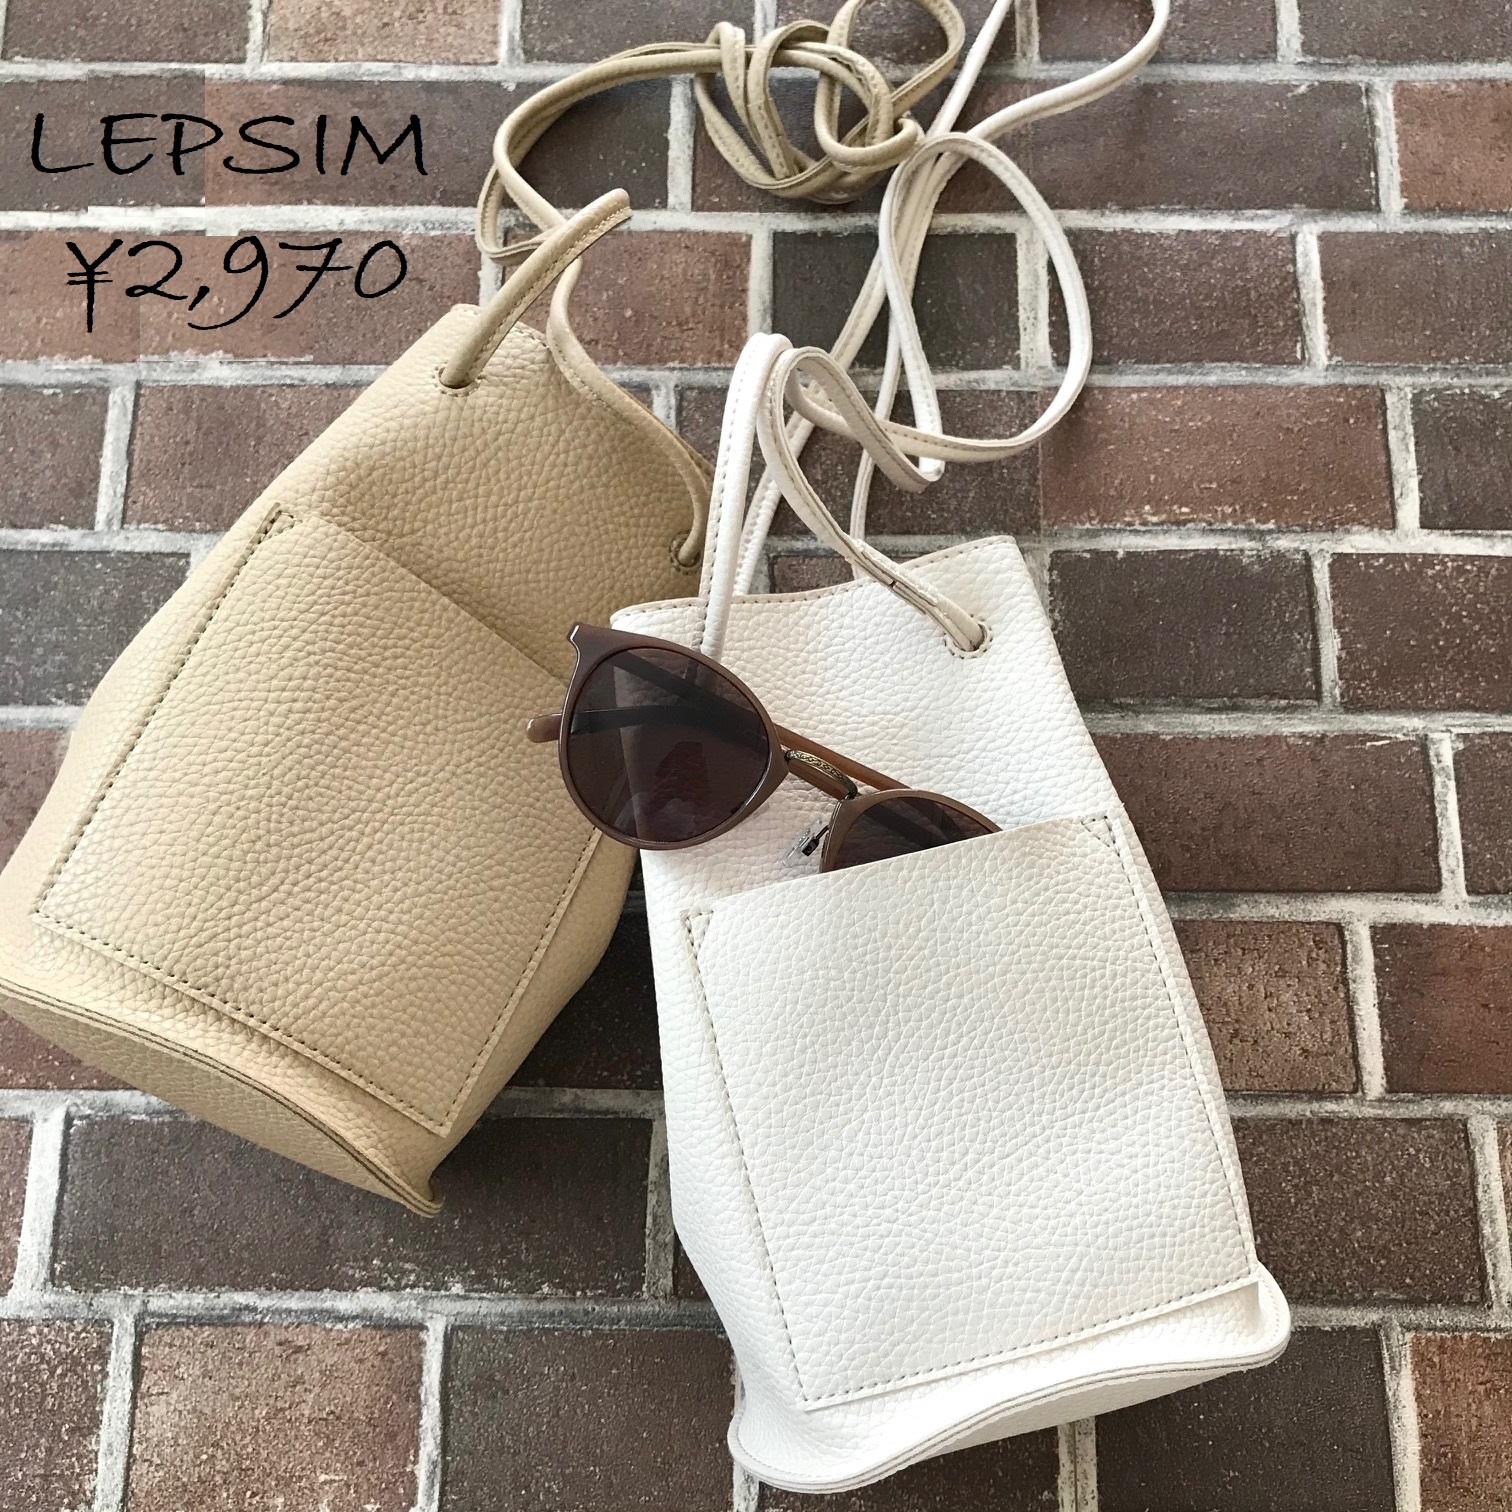 LEPSIMのバッグ2点画像